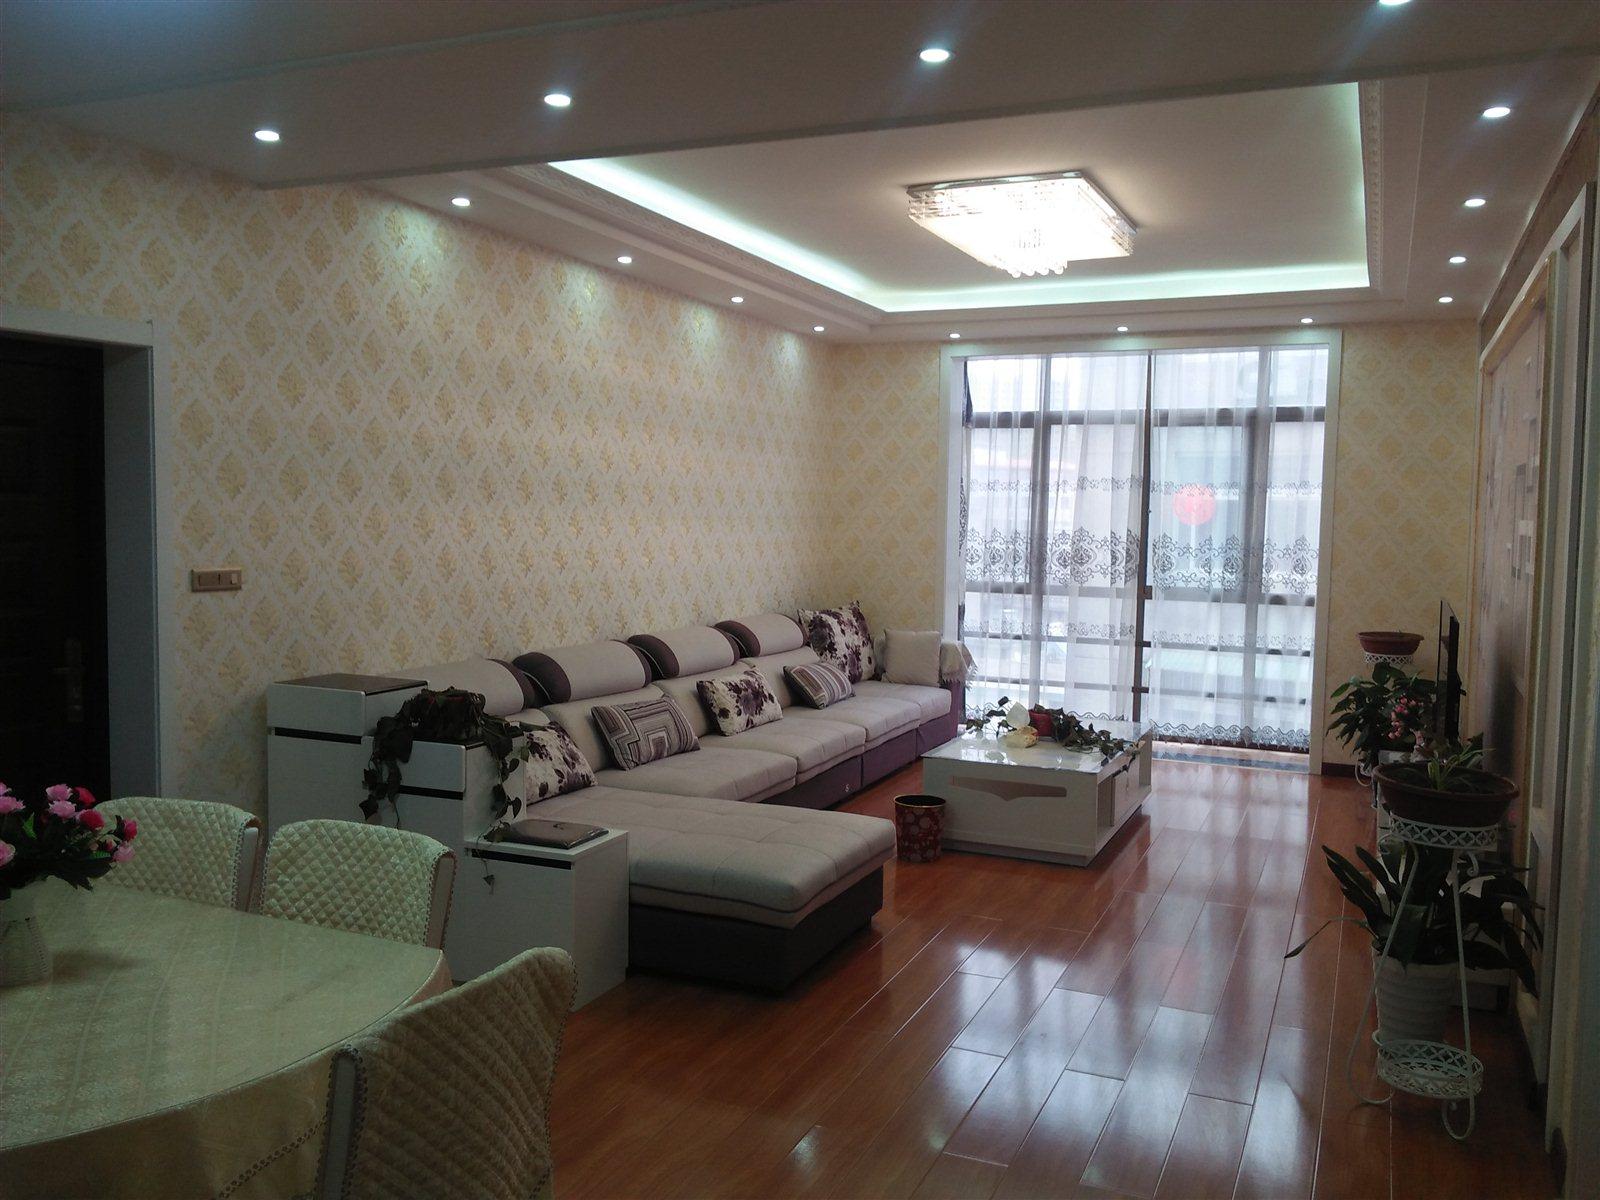 县政府旁2室2厅新装修房出售